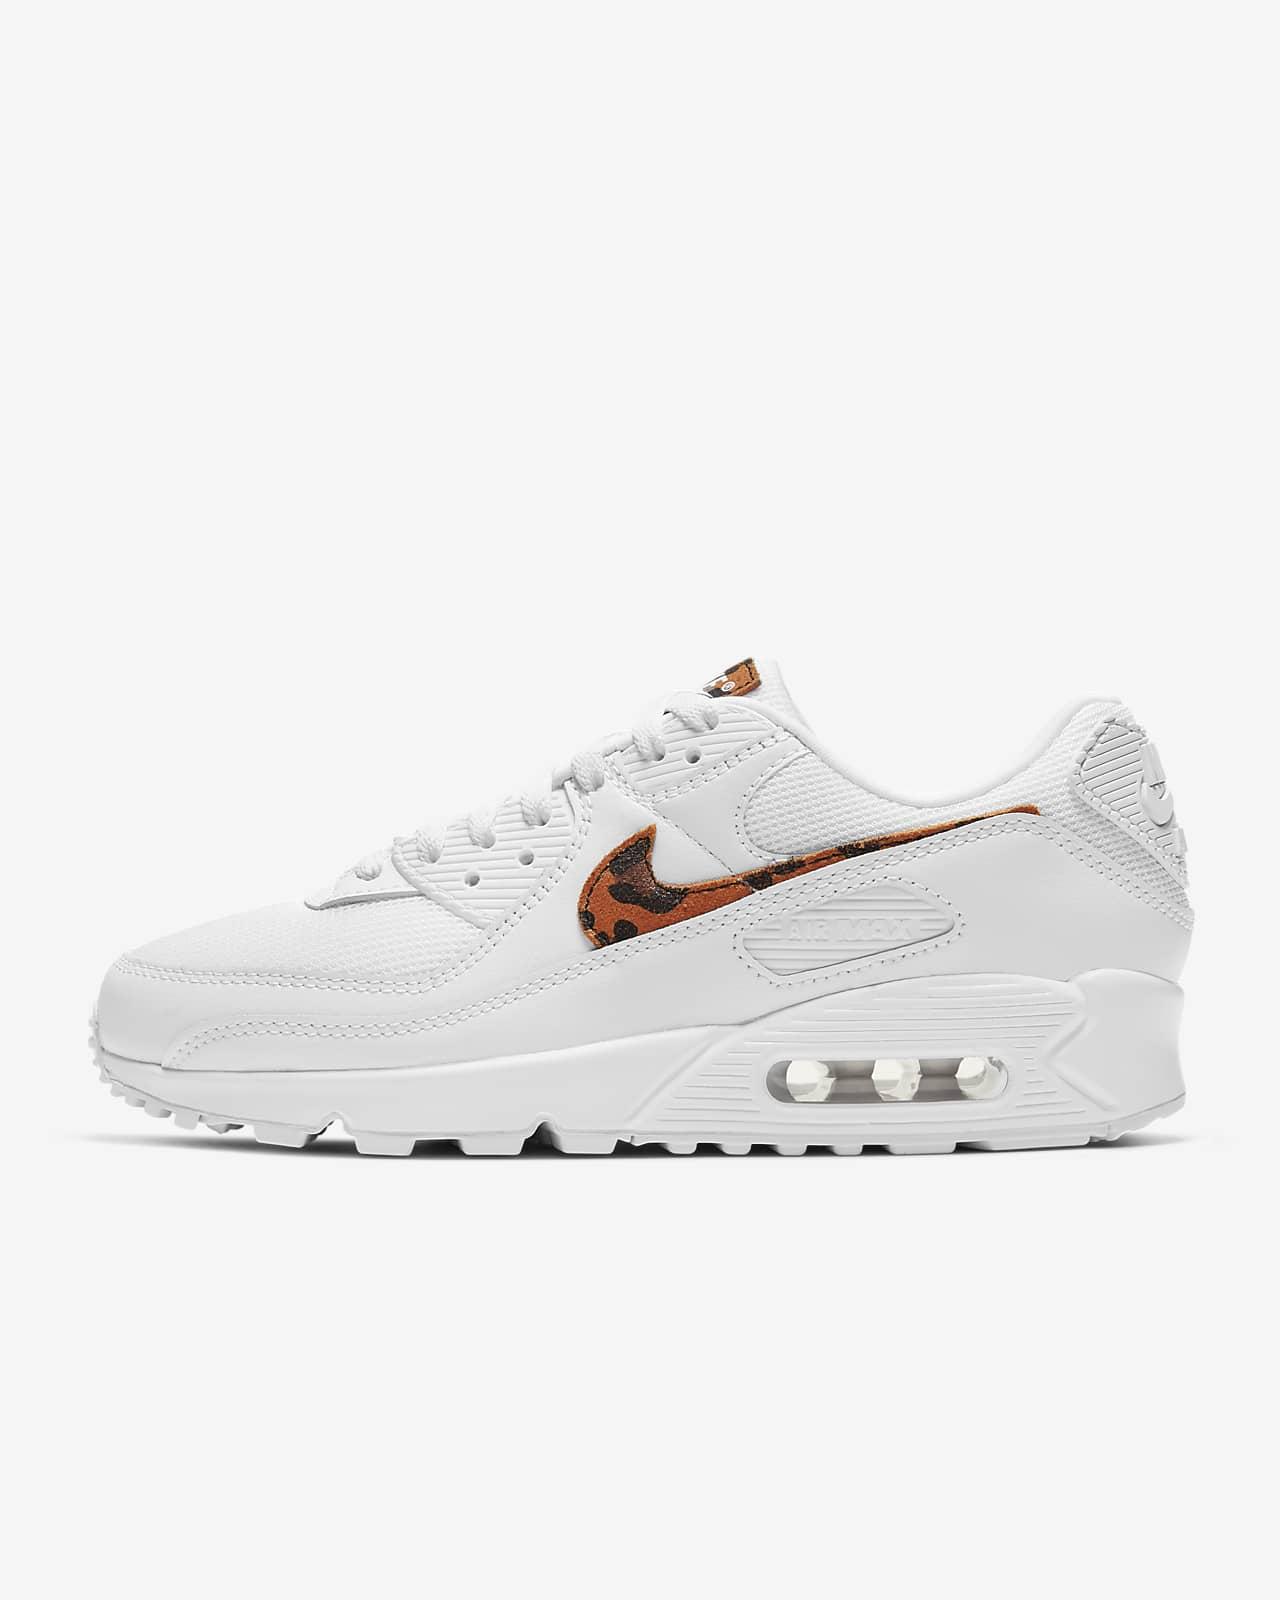 Nike Air Max 90 AX Women's Shoe